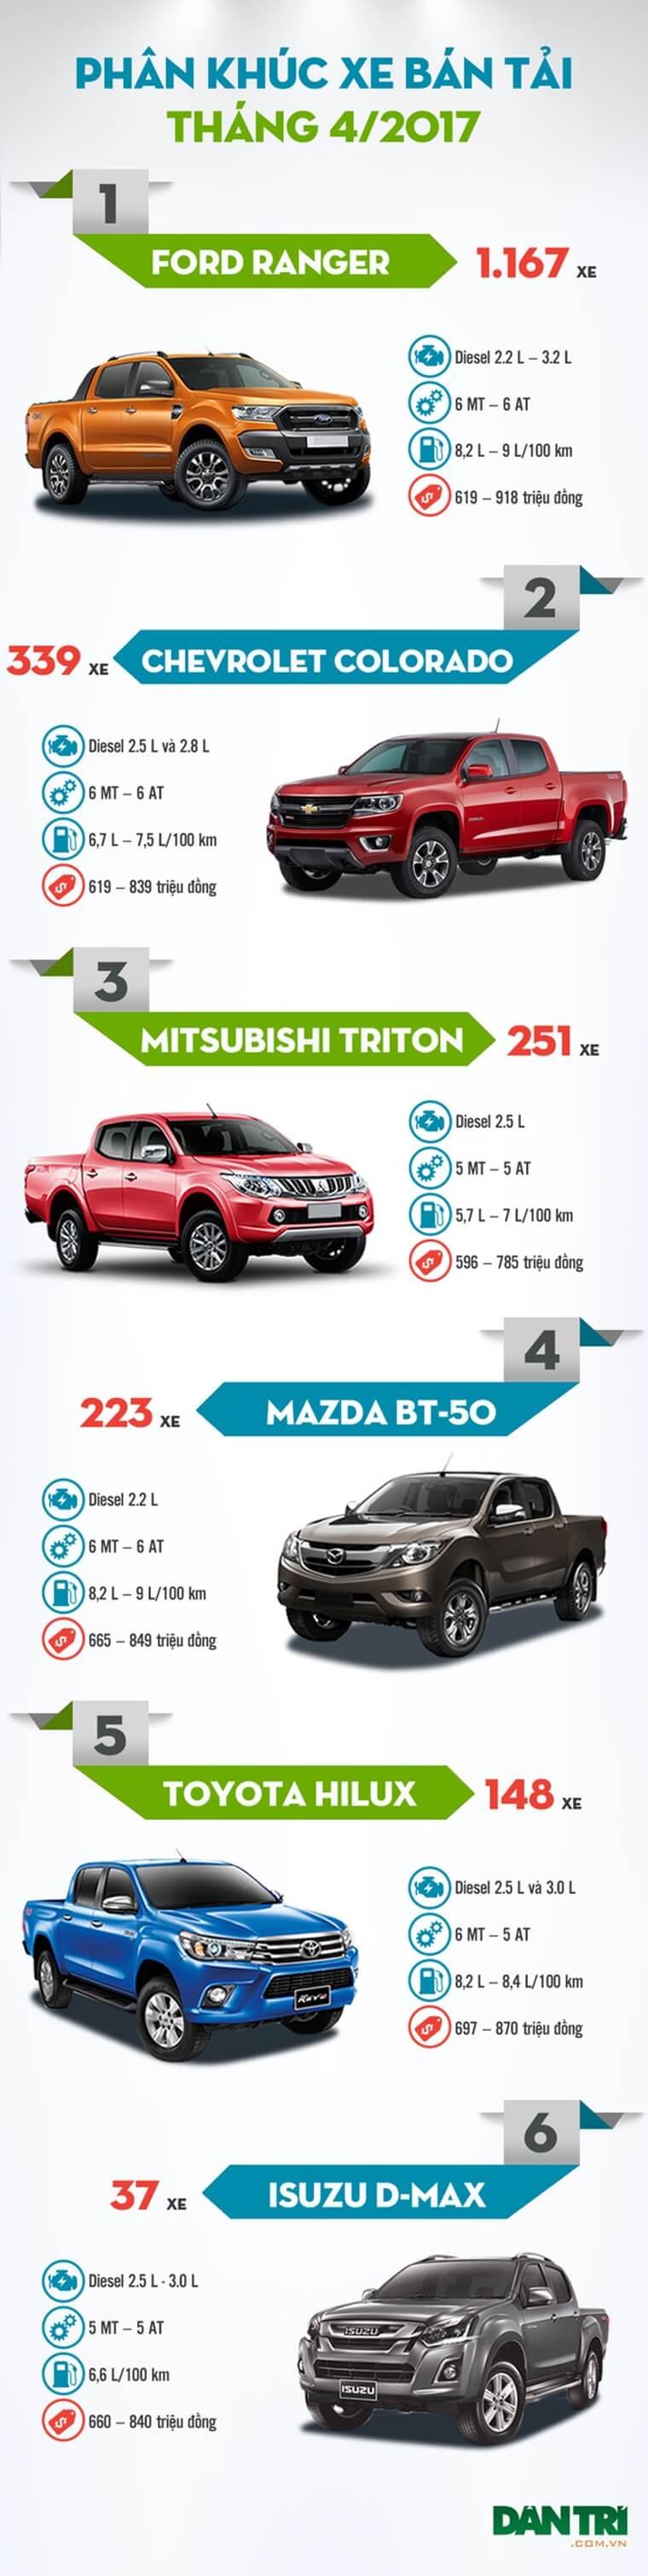 Top xe bán tải bán chạy nhất tháng 4/2017